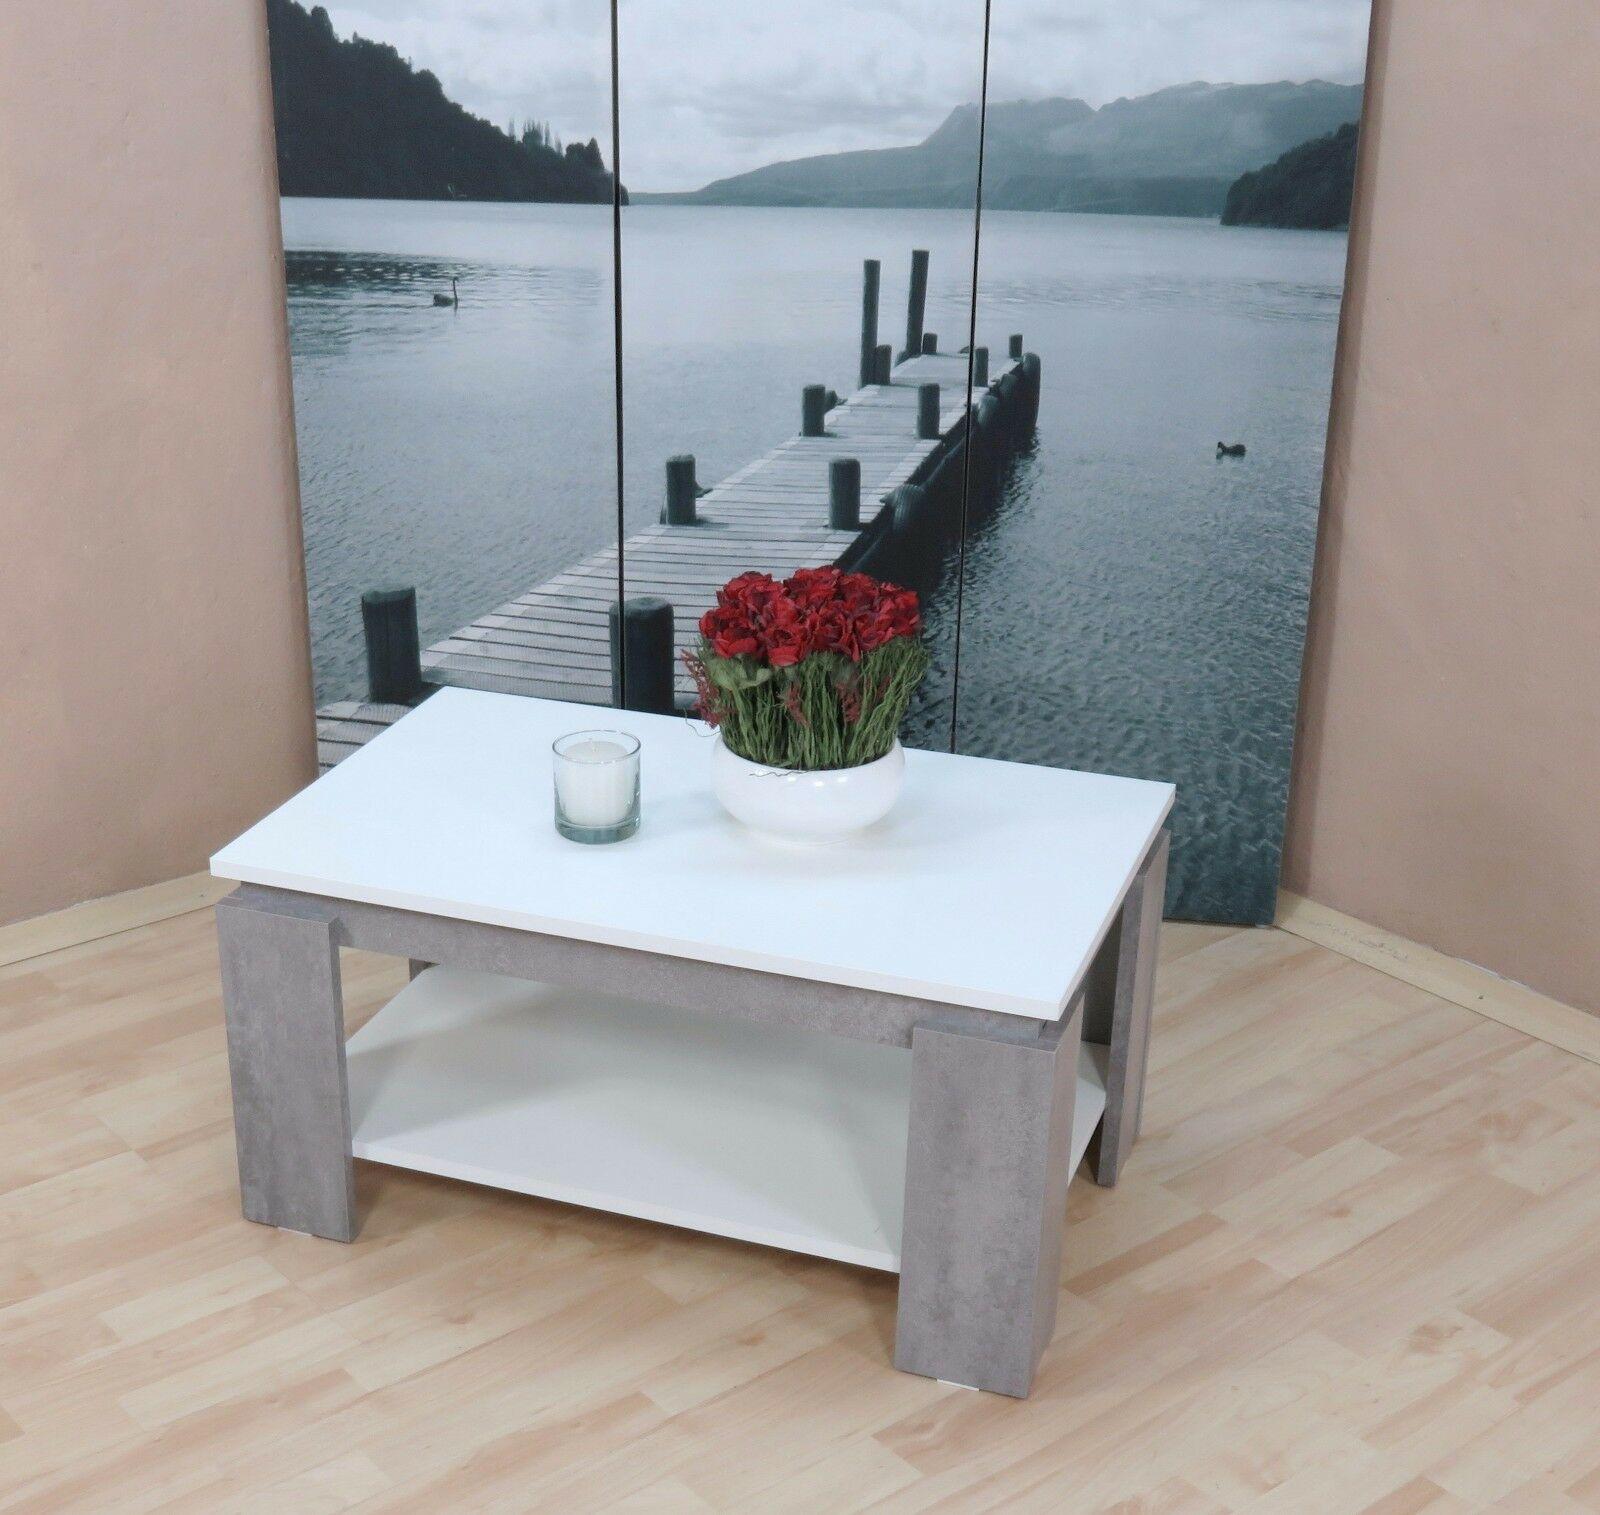 Couchtisch Weiß Beton Silber Zweifarbig Sofatisch Modern Design Edel